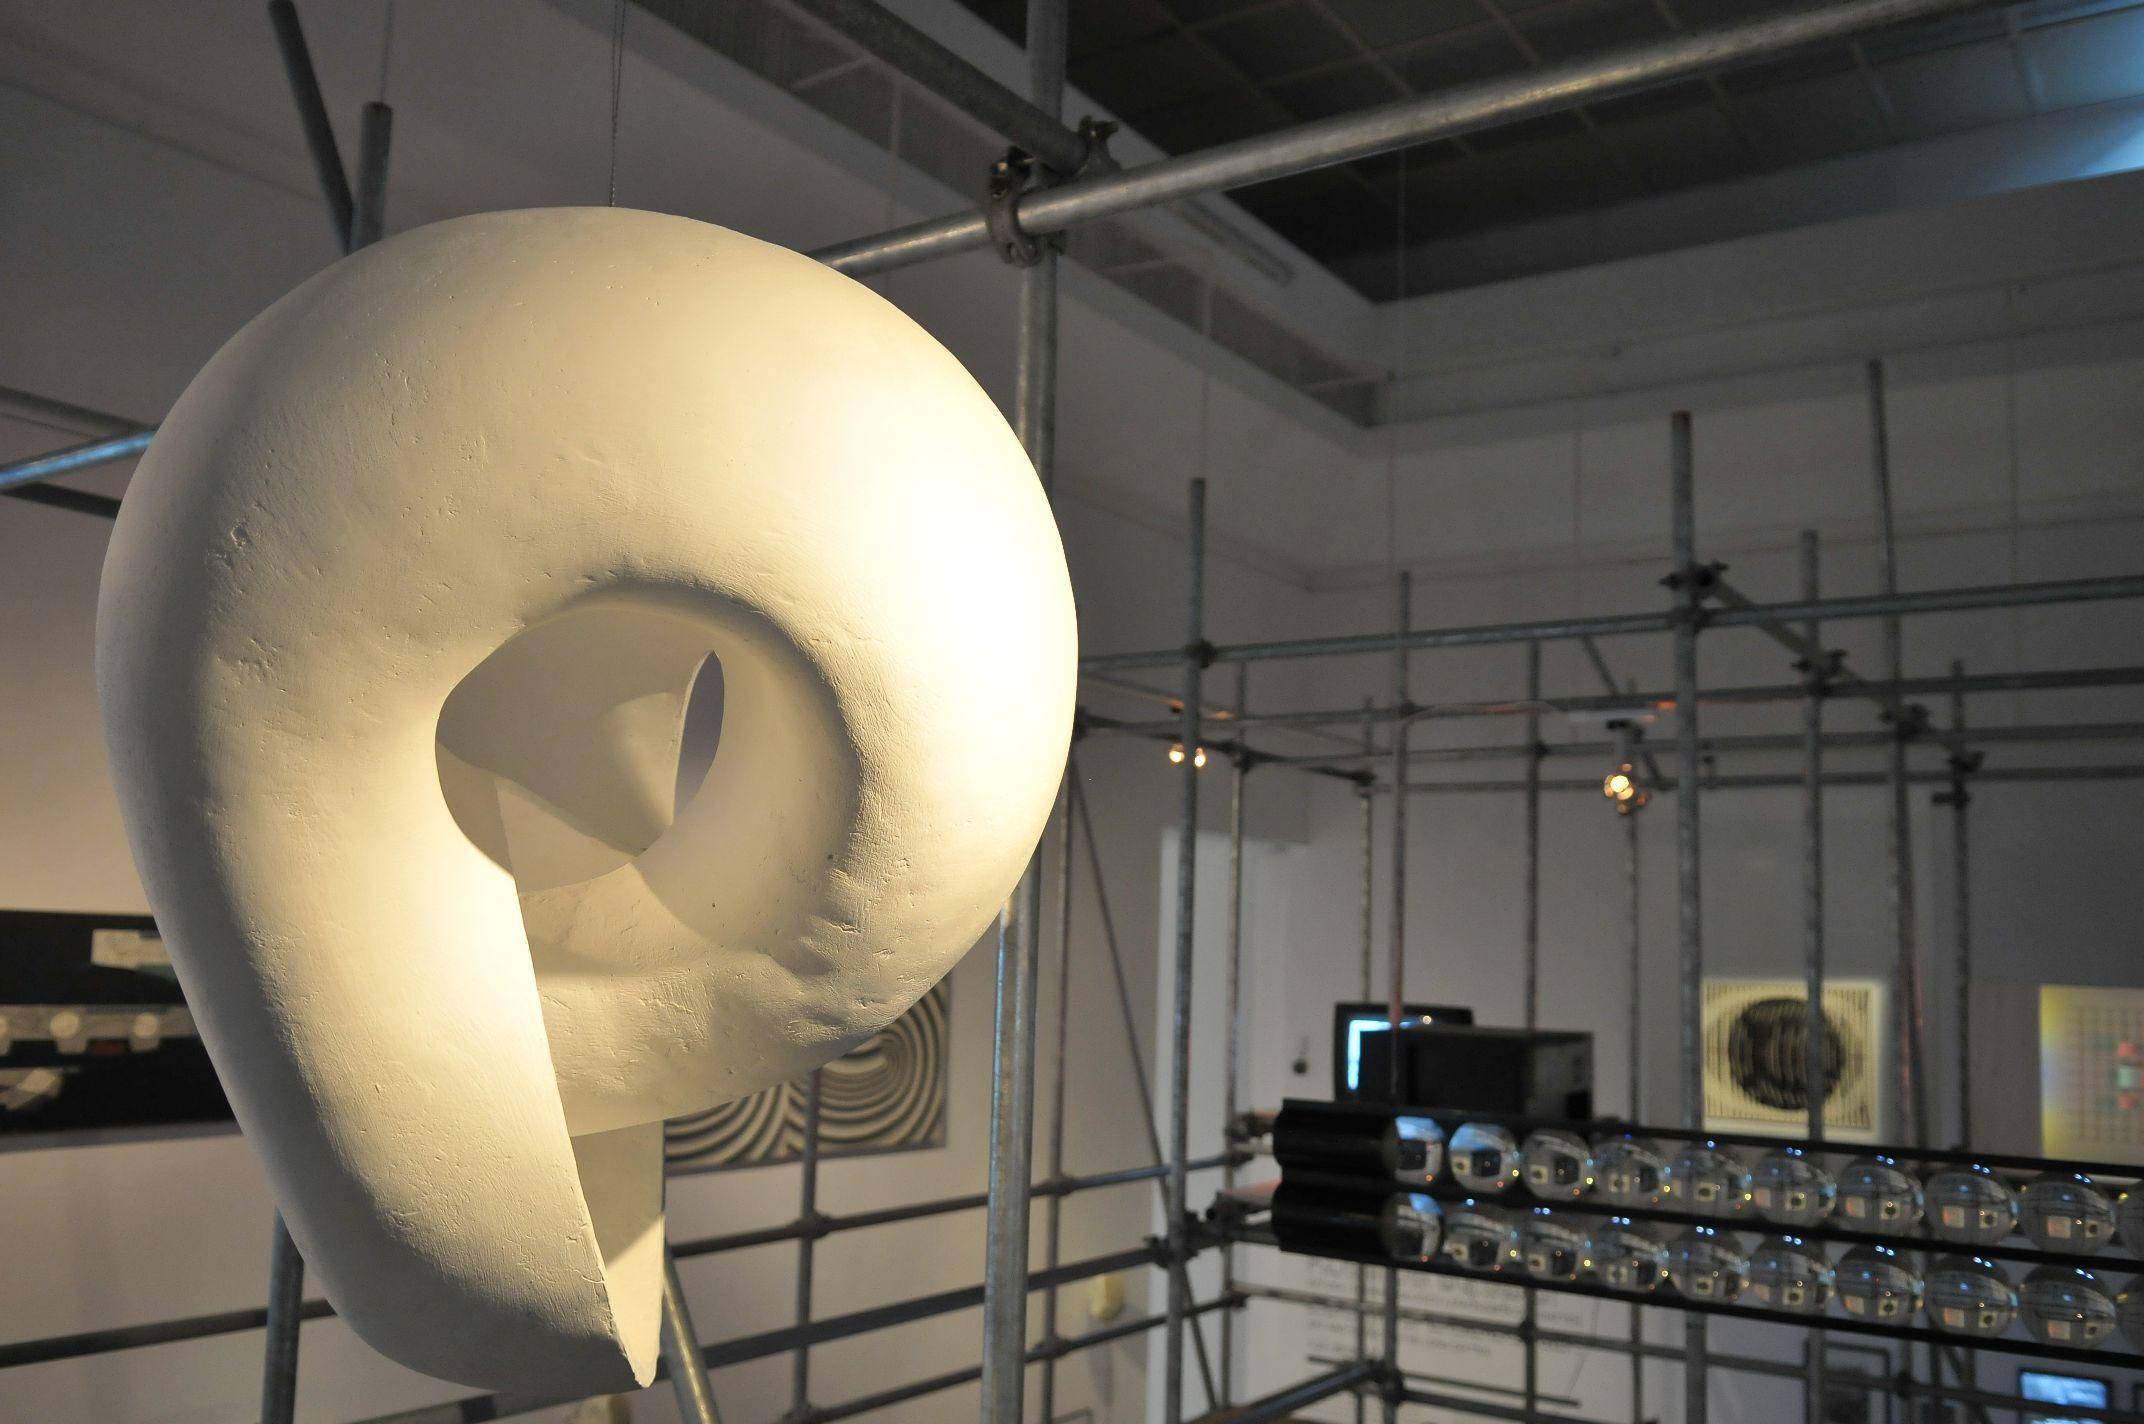 Wystawa Kosmos wzywa! Sztuka inauka wdługich latach sześćdziesiątych, Zachęta, 1.07.2014 - 28.09.2014 , fot.Marek Krzyżanek